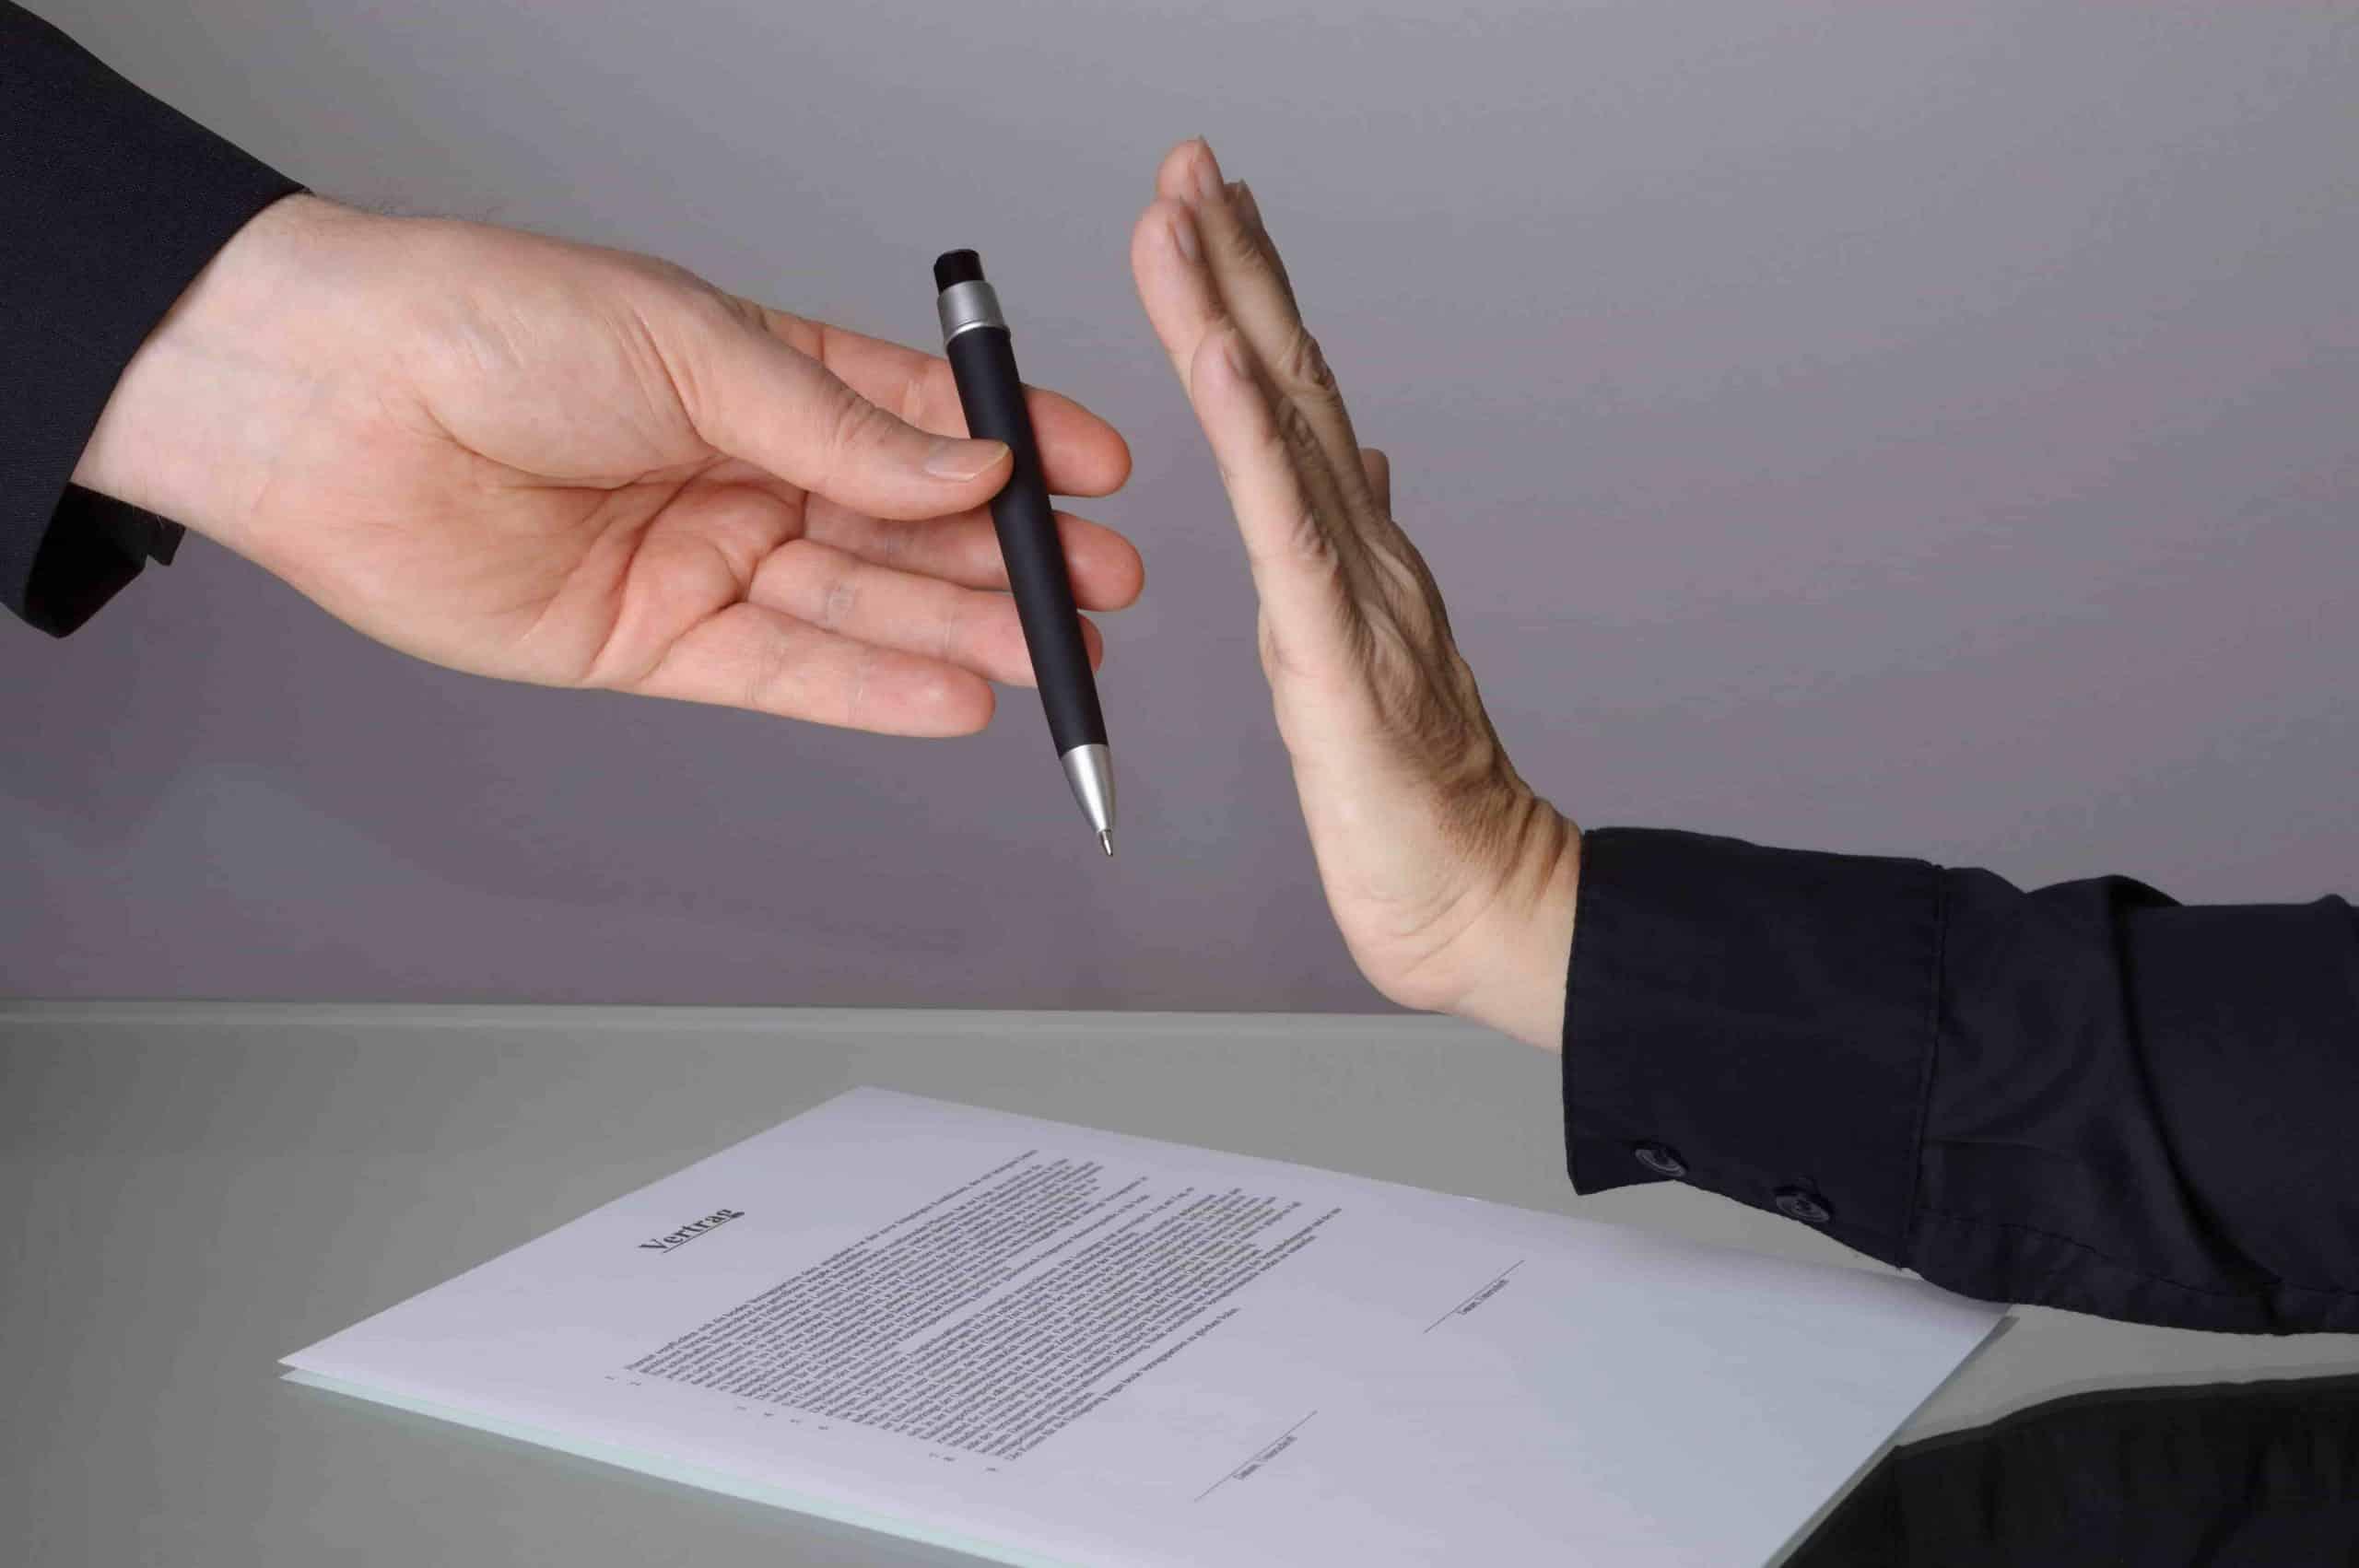 Immobilienmakler keine Vertragsbindung